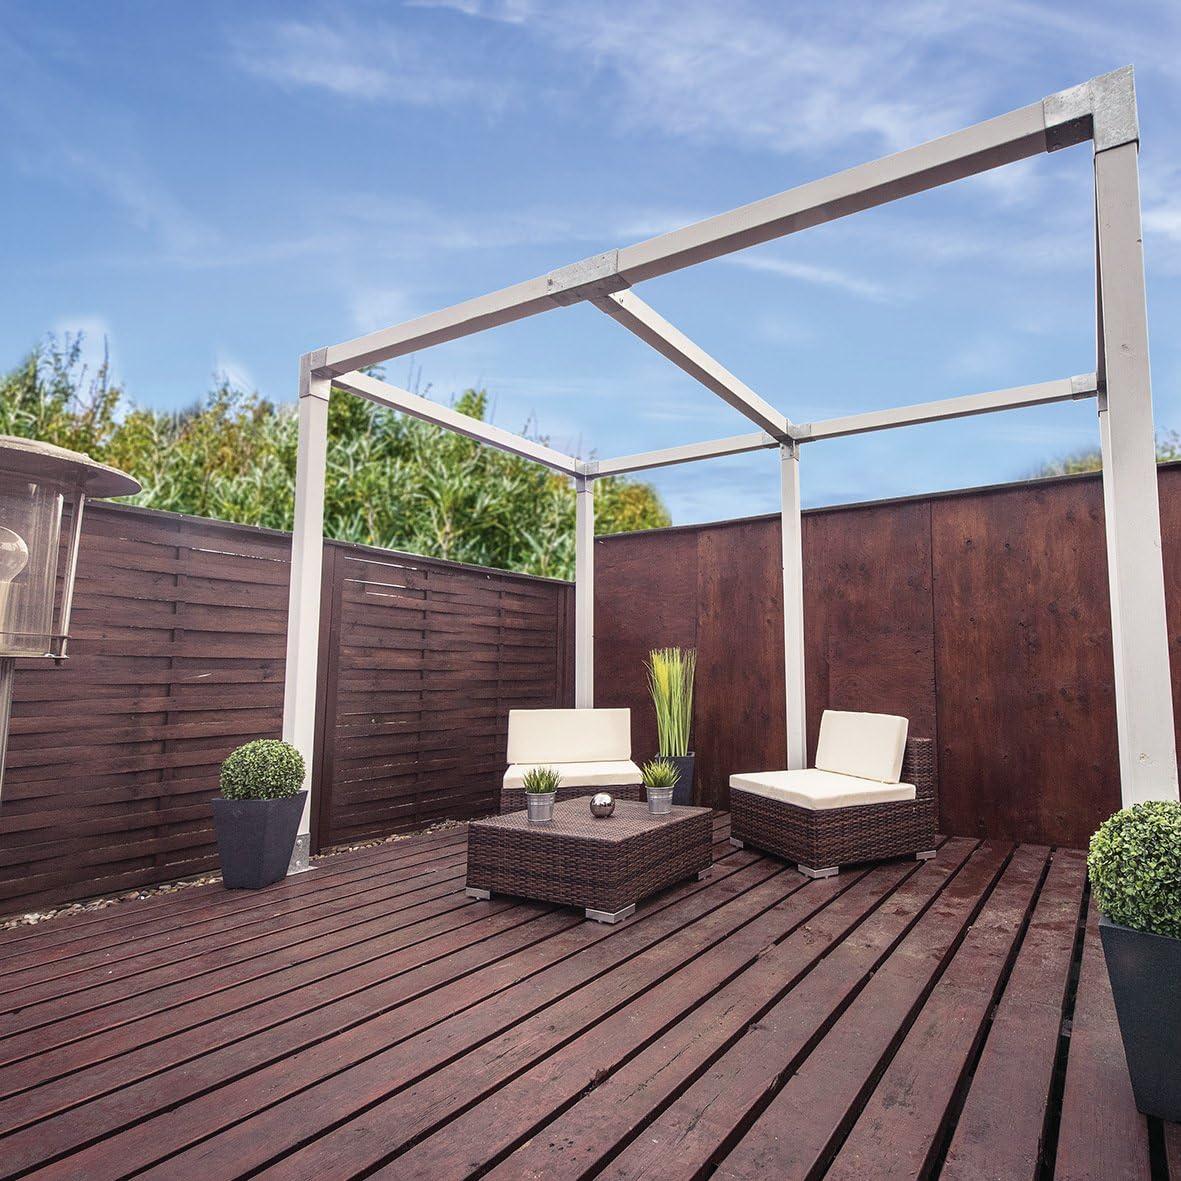 Connex postes esquina doble, madera, 90 x 90 mm, 1 pieza, hv4244: Amazon.es: Bricolaje y herramientas